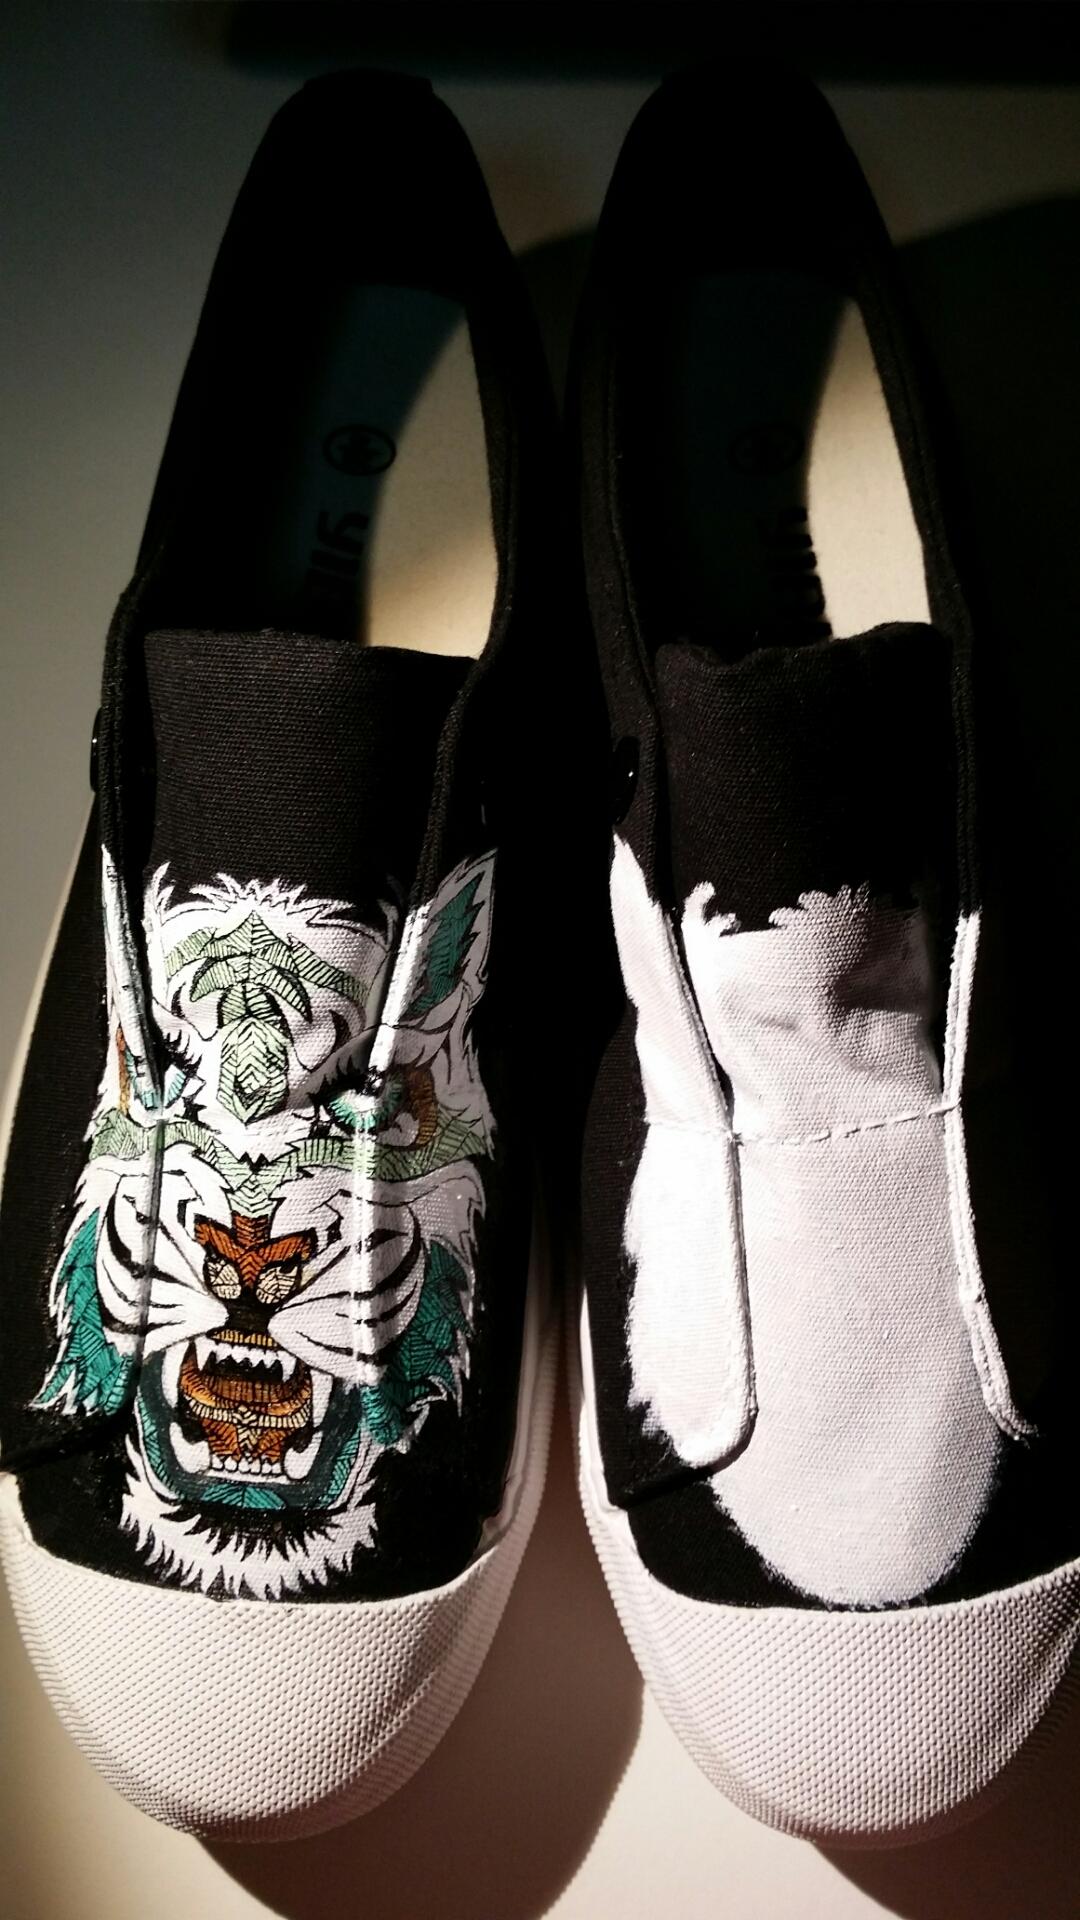 鞋 鞋子 1080_1920 竖版 竖屏